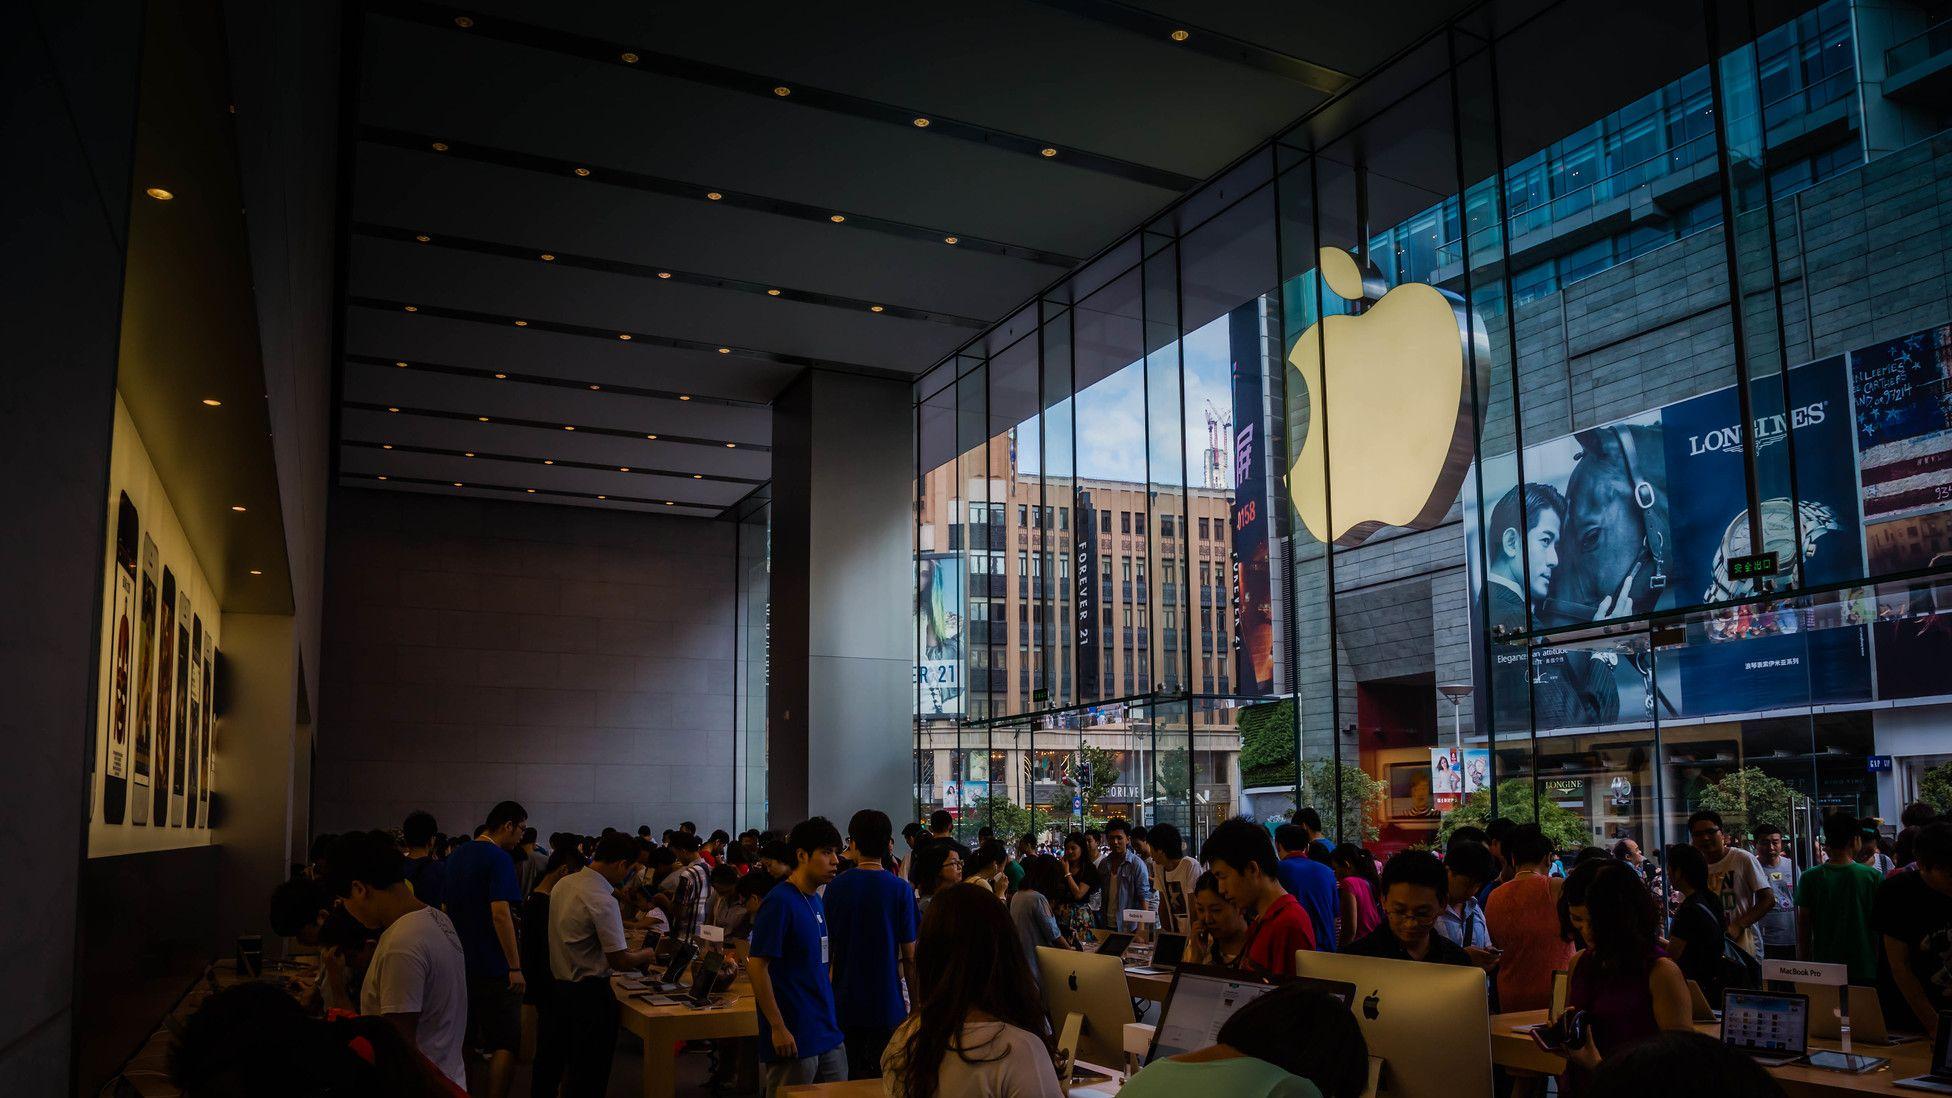 「iPhoneへの大規模攻撃の事実はない」 アップルが声明